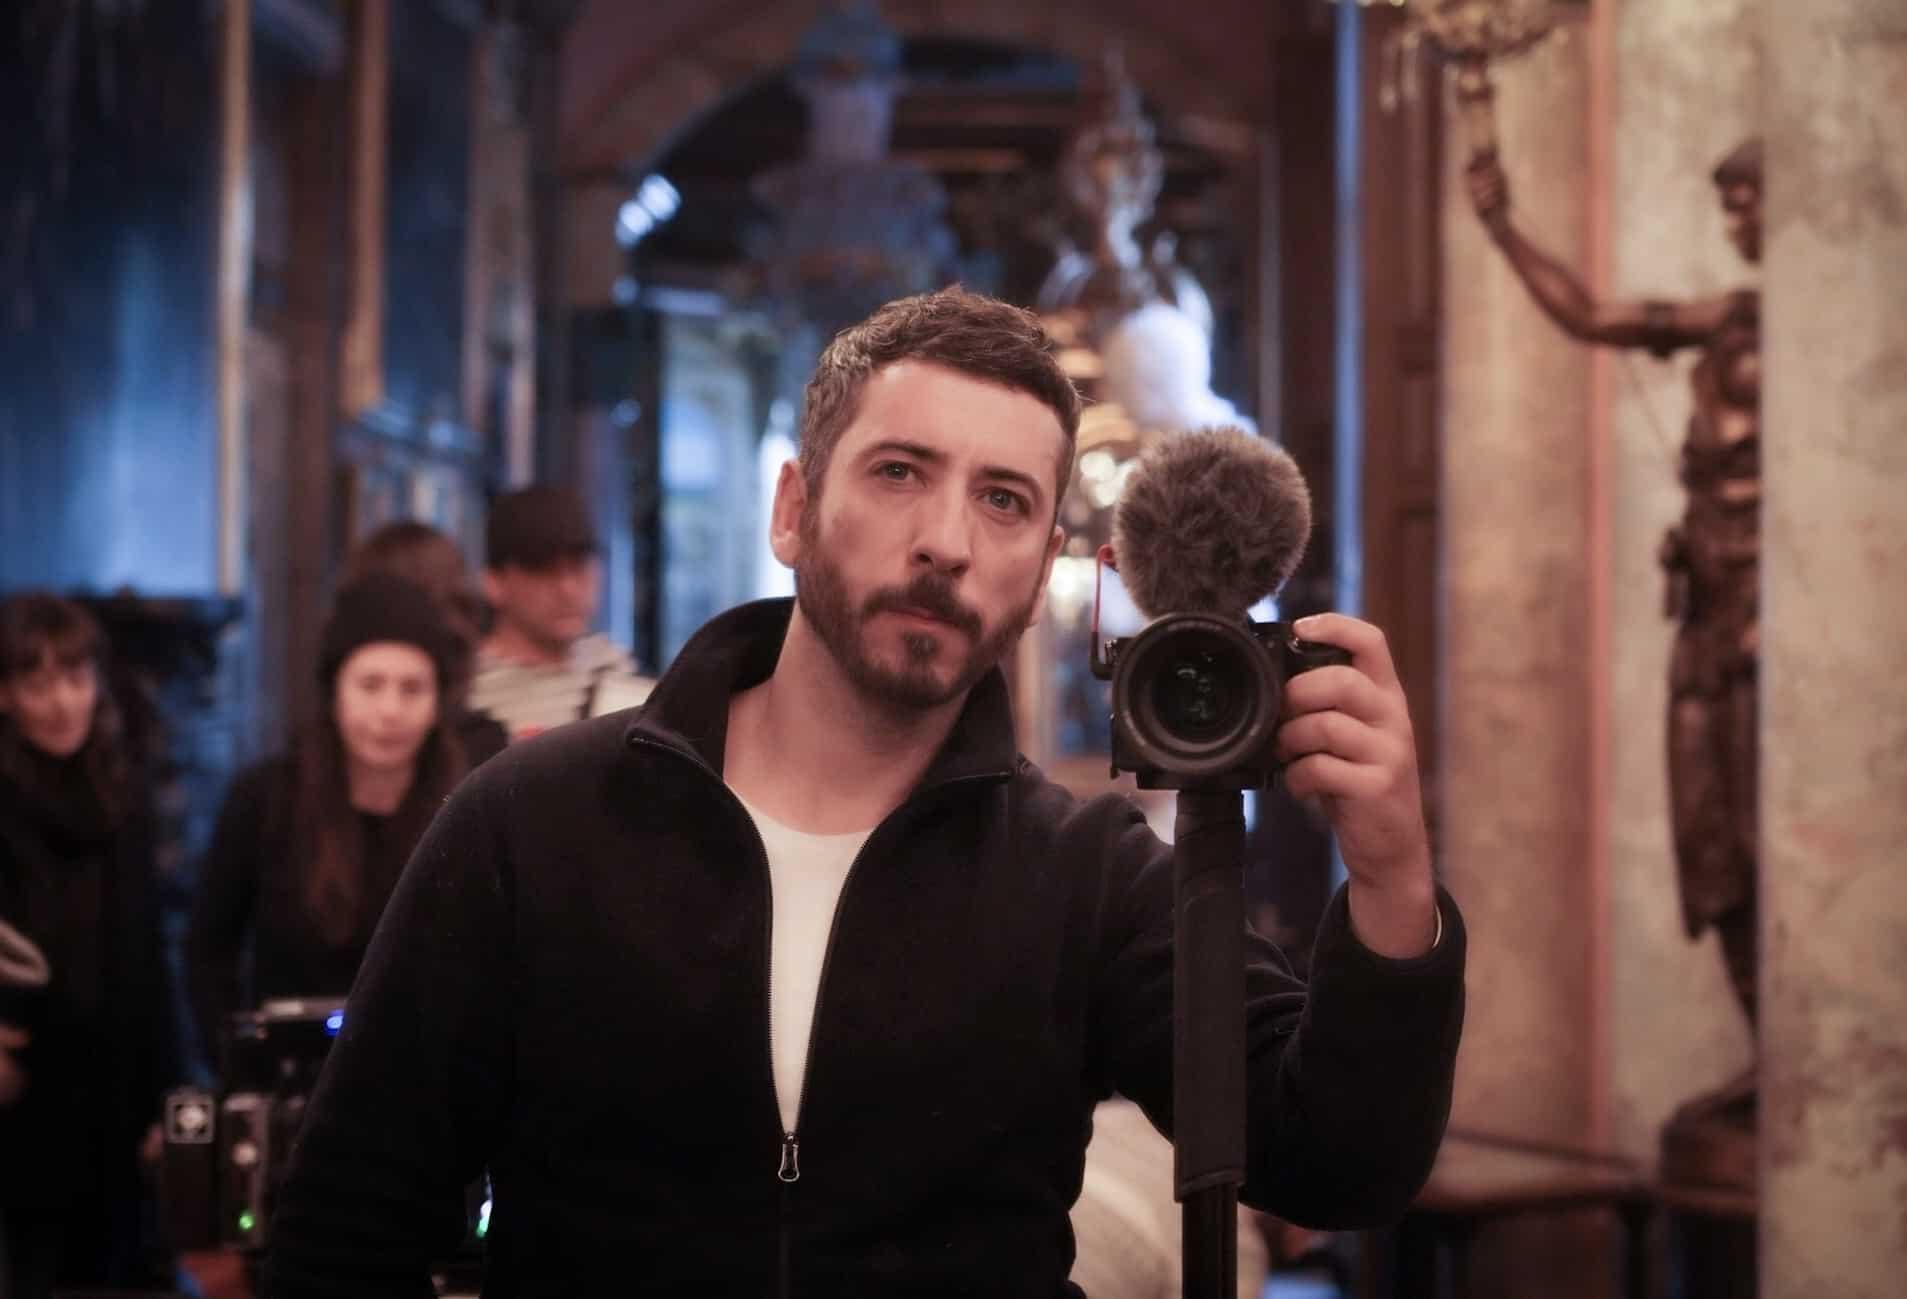 Anguciana, uno de los escenarios del corto que apadrina la categoría Set La Rioja de Notodofilmfest 5